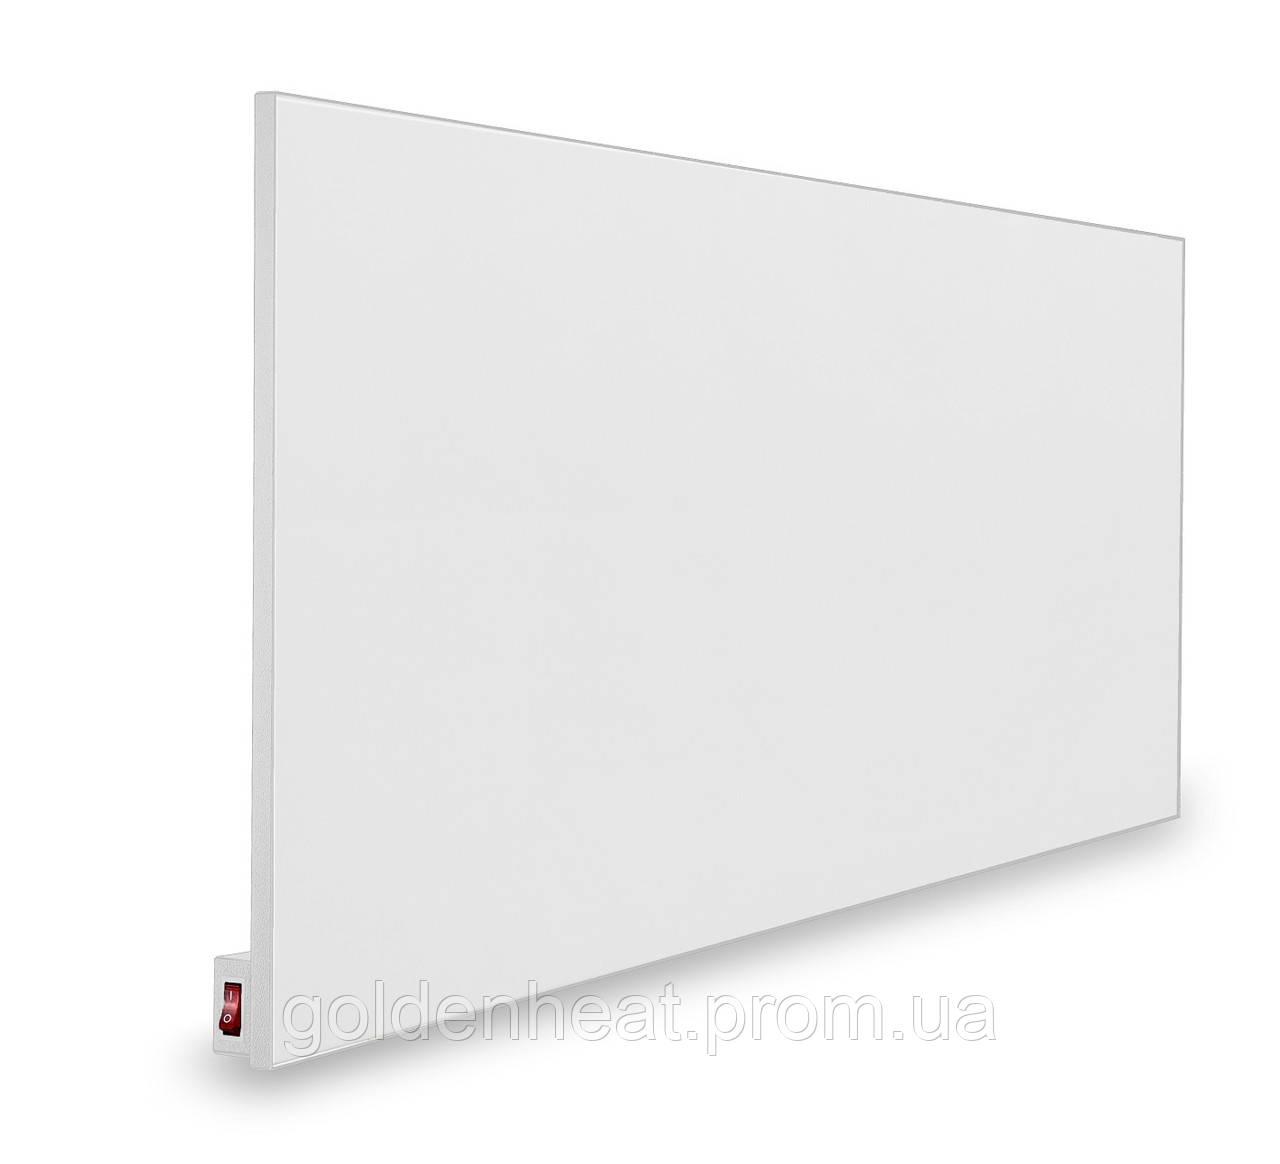 Металлическая инфракрасная панель SW-300, фото 1